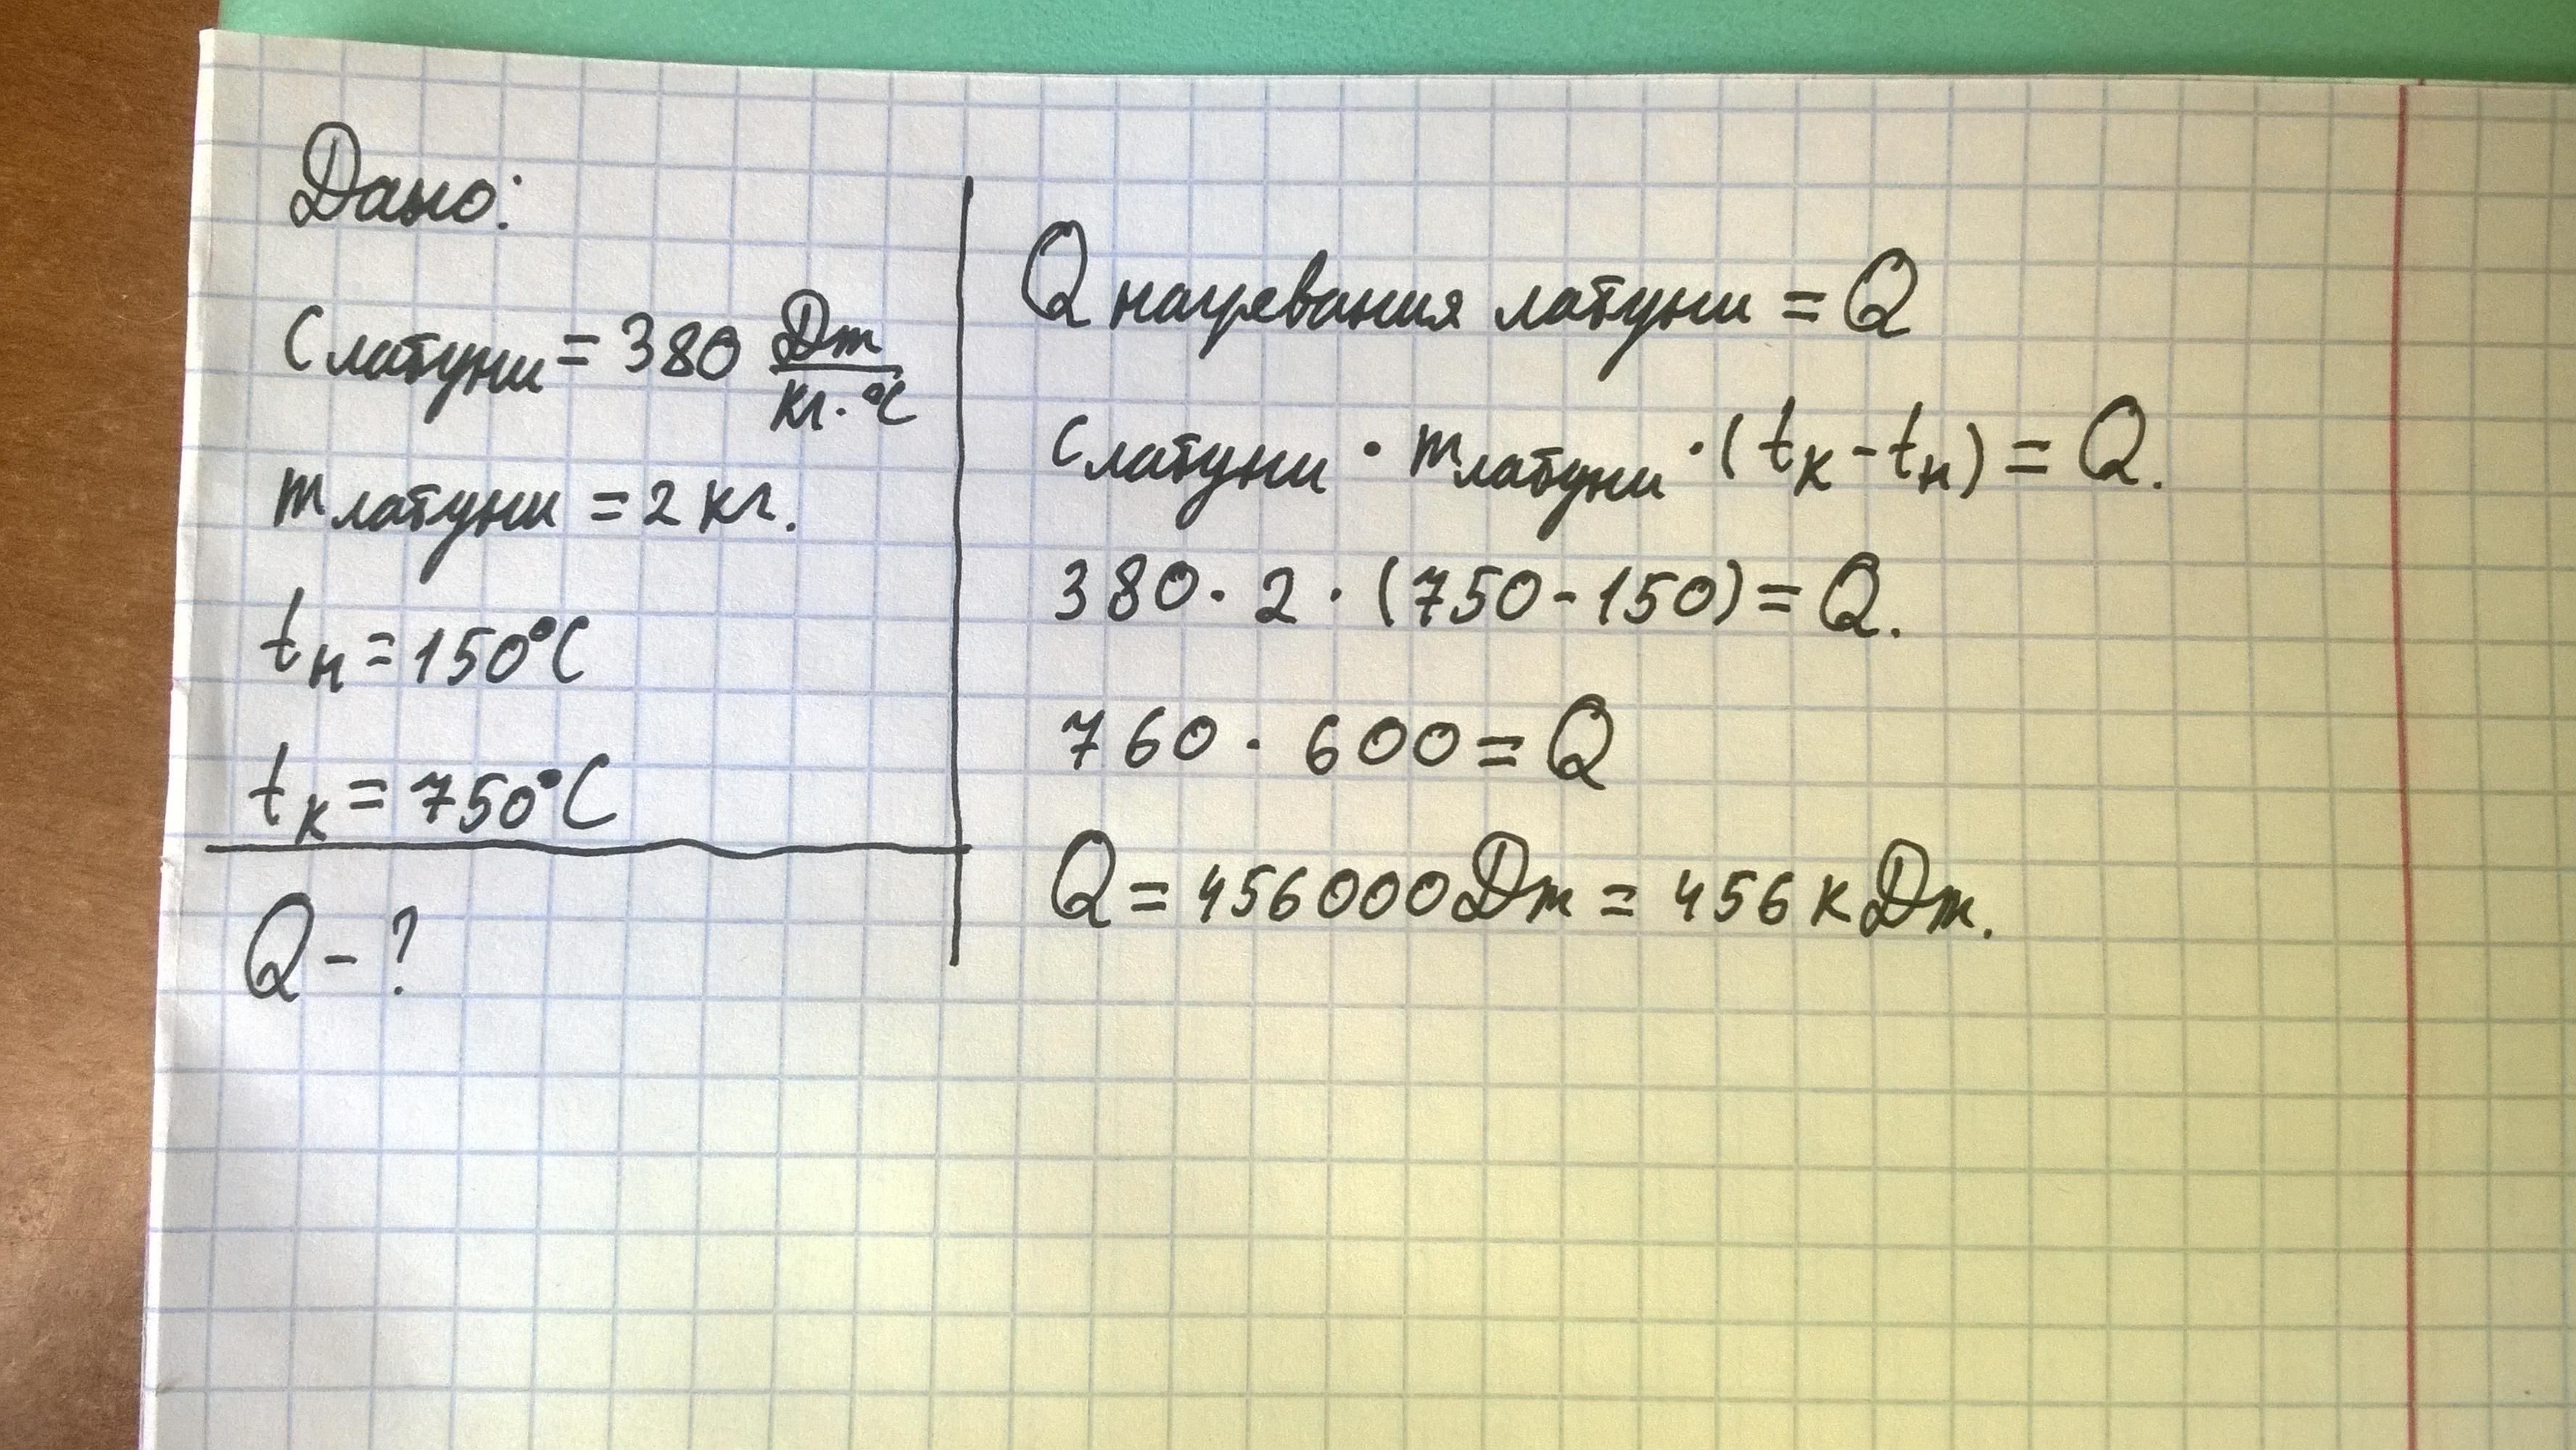 Qнагревания латуни=Q<br>Слатуни*mлатуни*(tконечная-tначальна